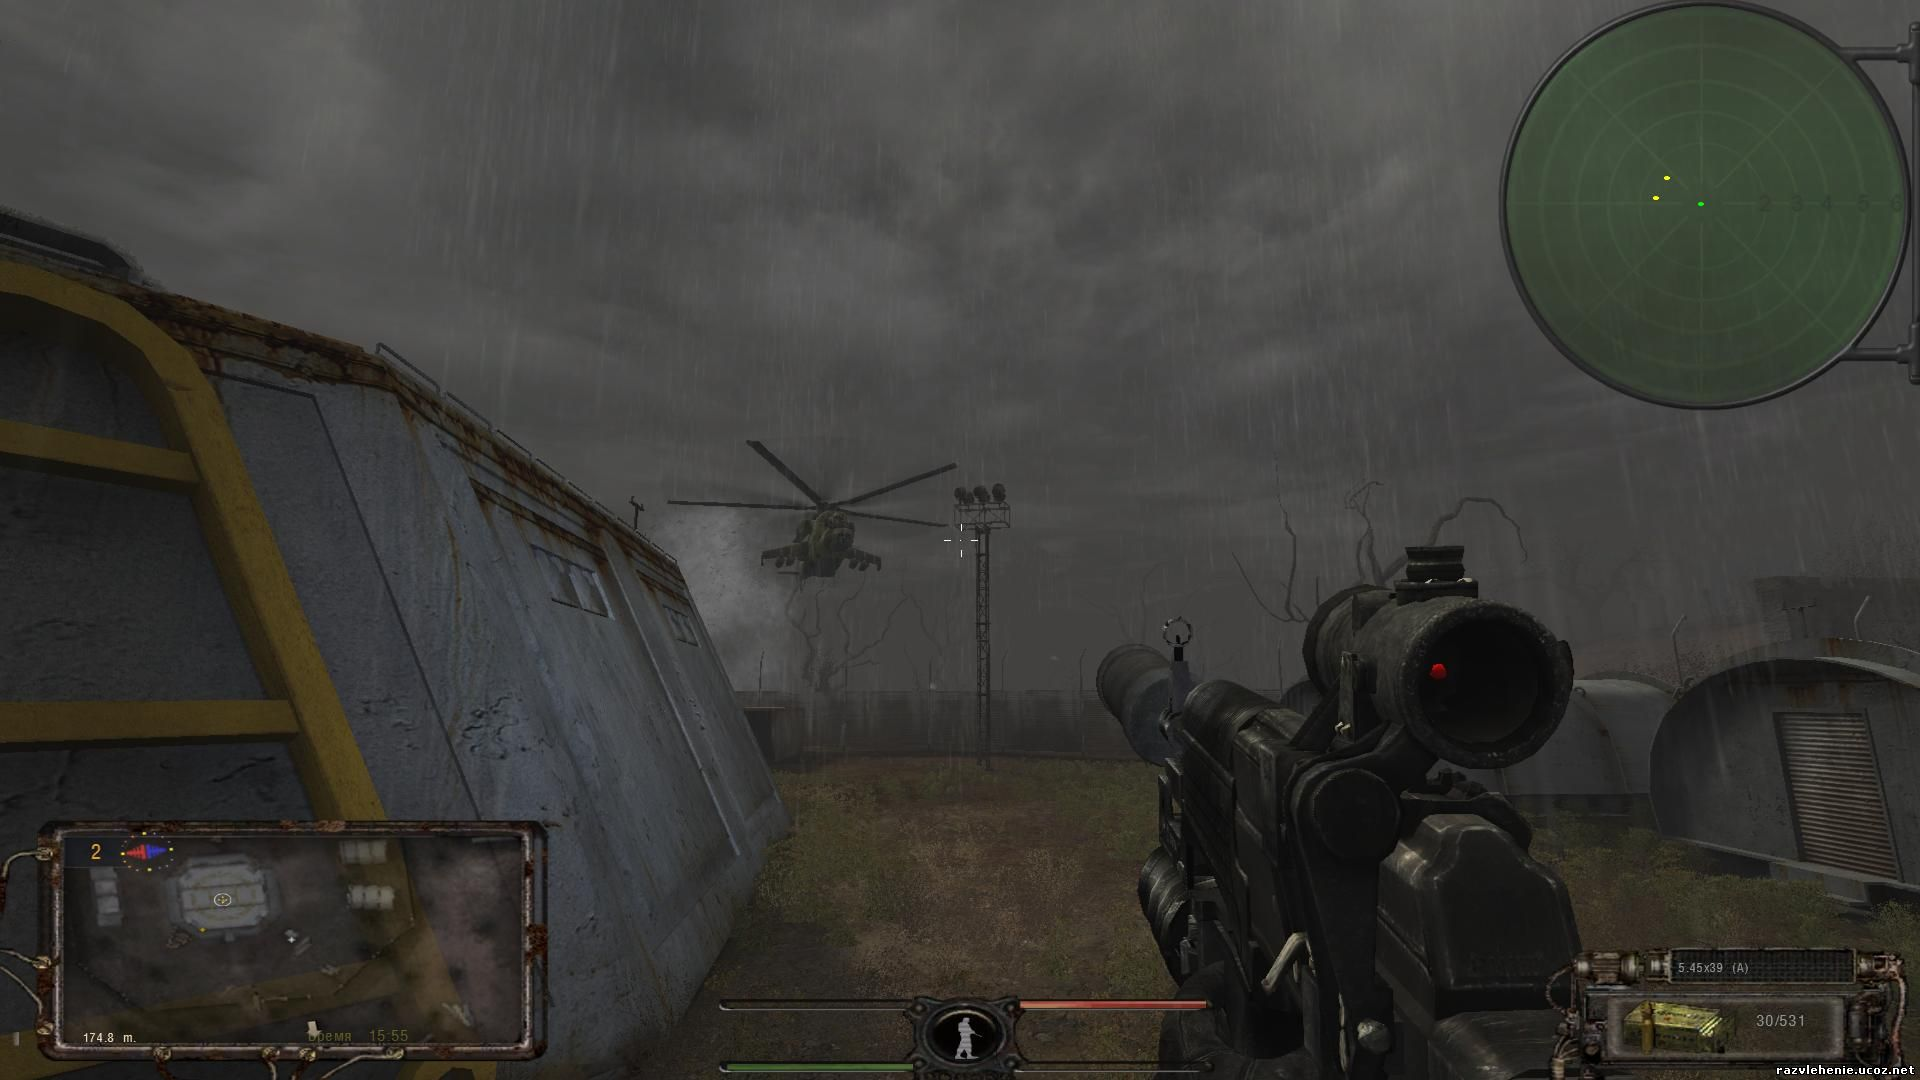 Скачать мод оружия для сталкер тень чернобыля